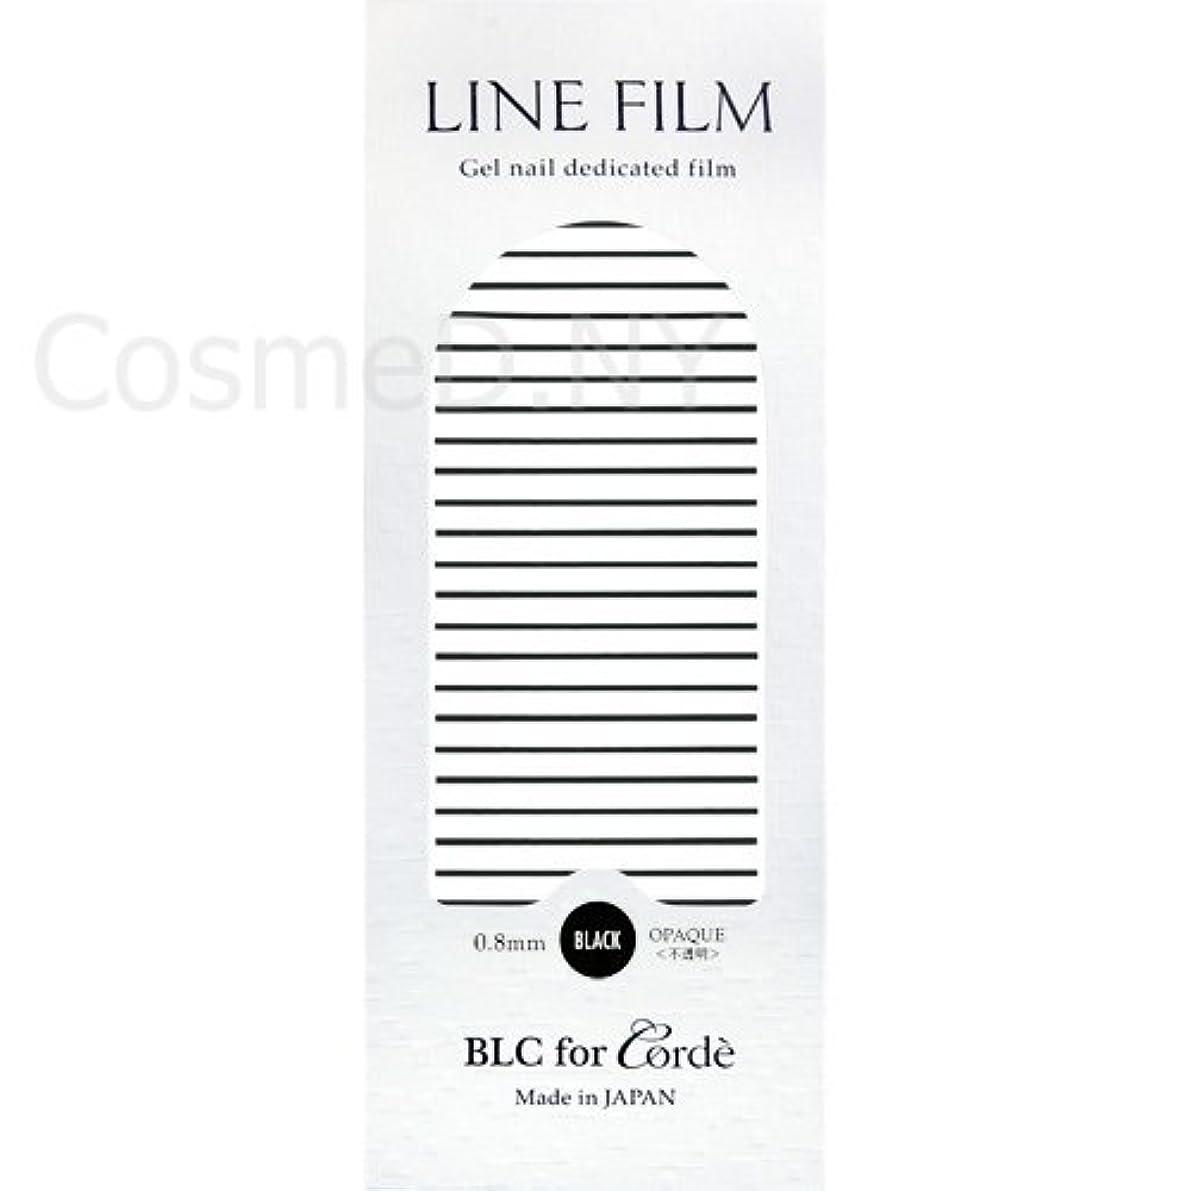 BLC for Corde(ビーエルシーフォーコーデ)ラインフィルム ブラック 0.8mm【ネイルアート、ネイルシール】